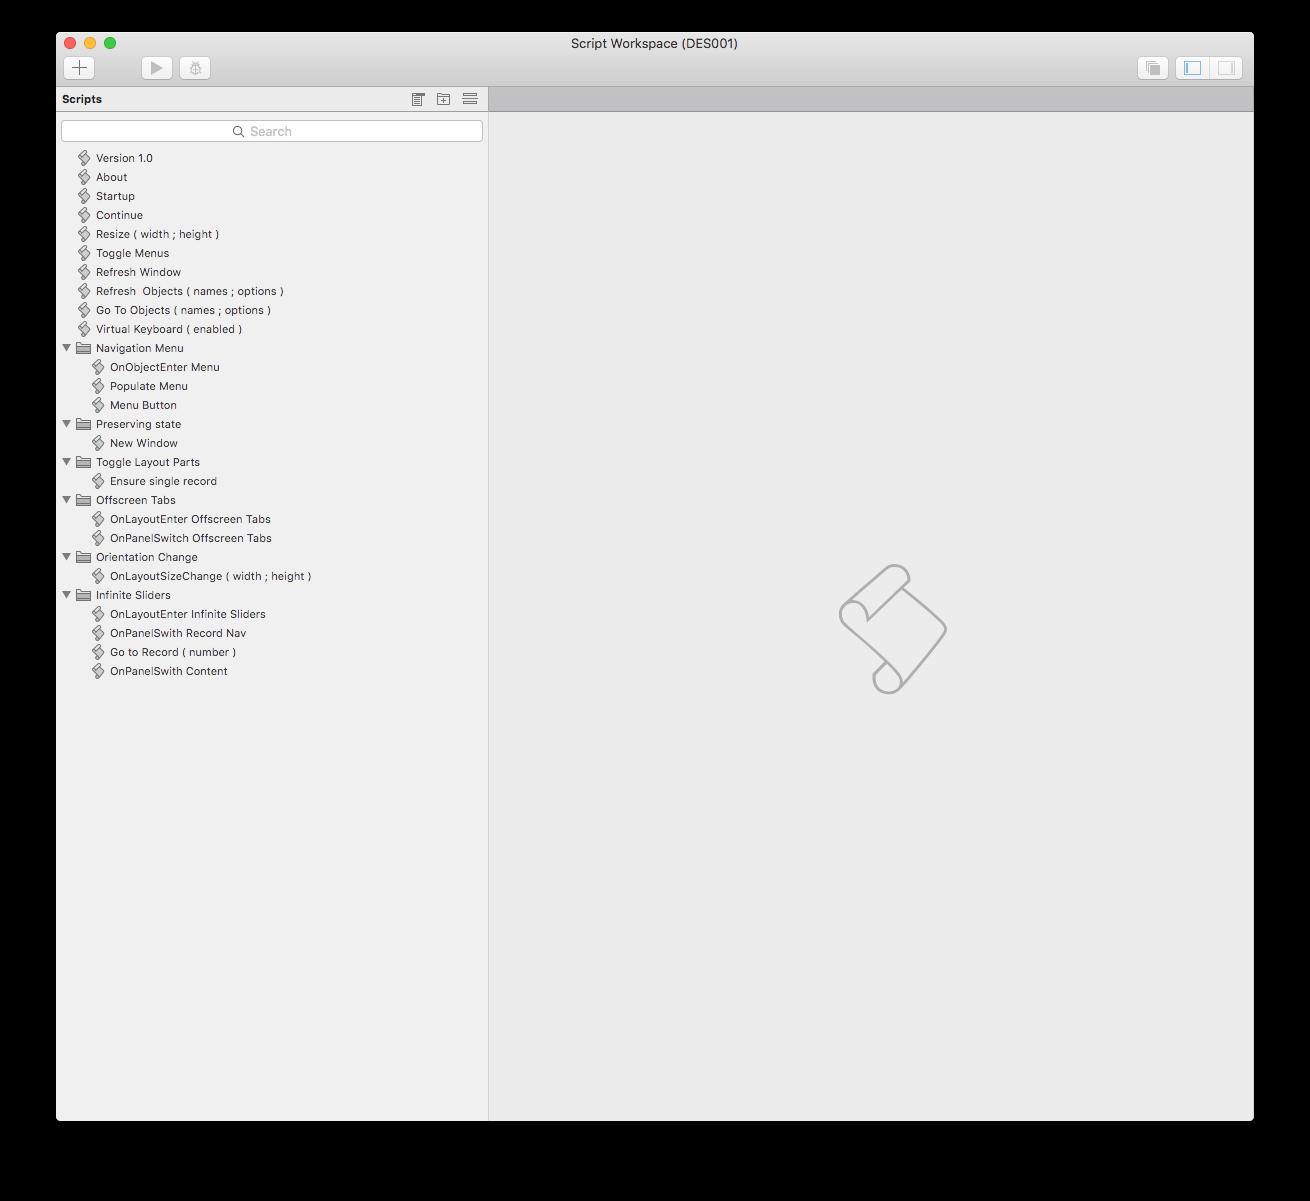 script-workspace-des001